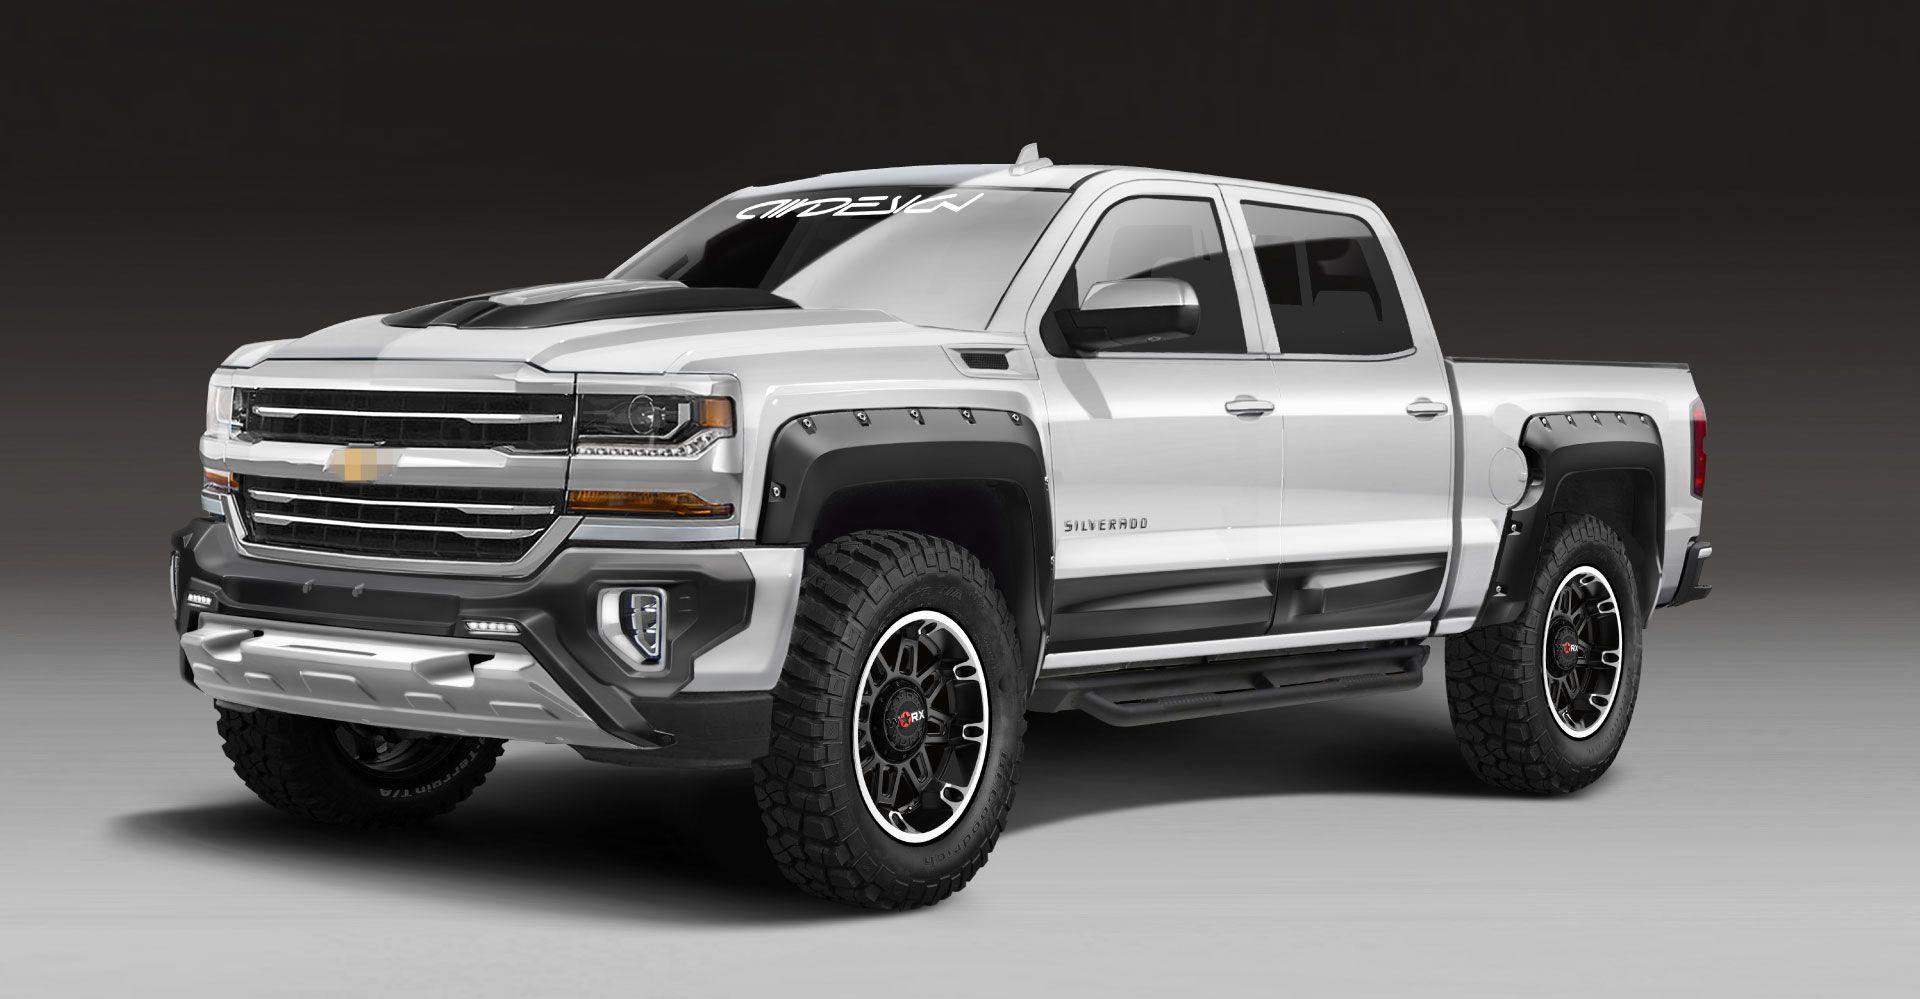 Silverado Trucks For Sale >> Chevrolet Silverado - Air Design USA - The Ultimate ...